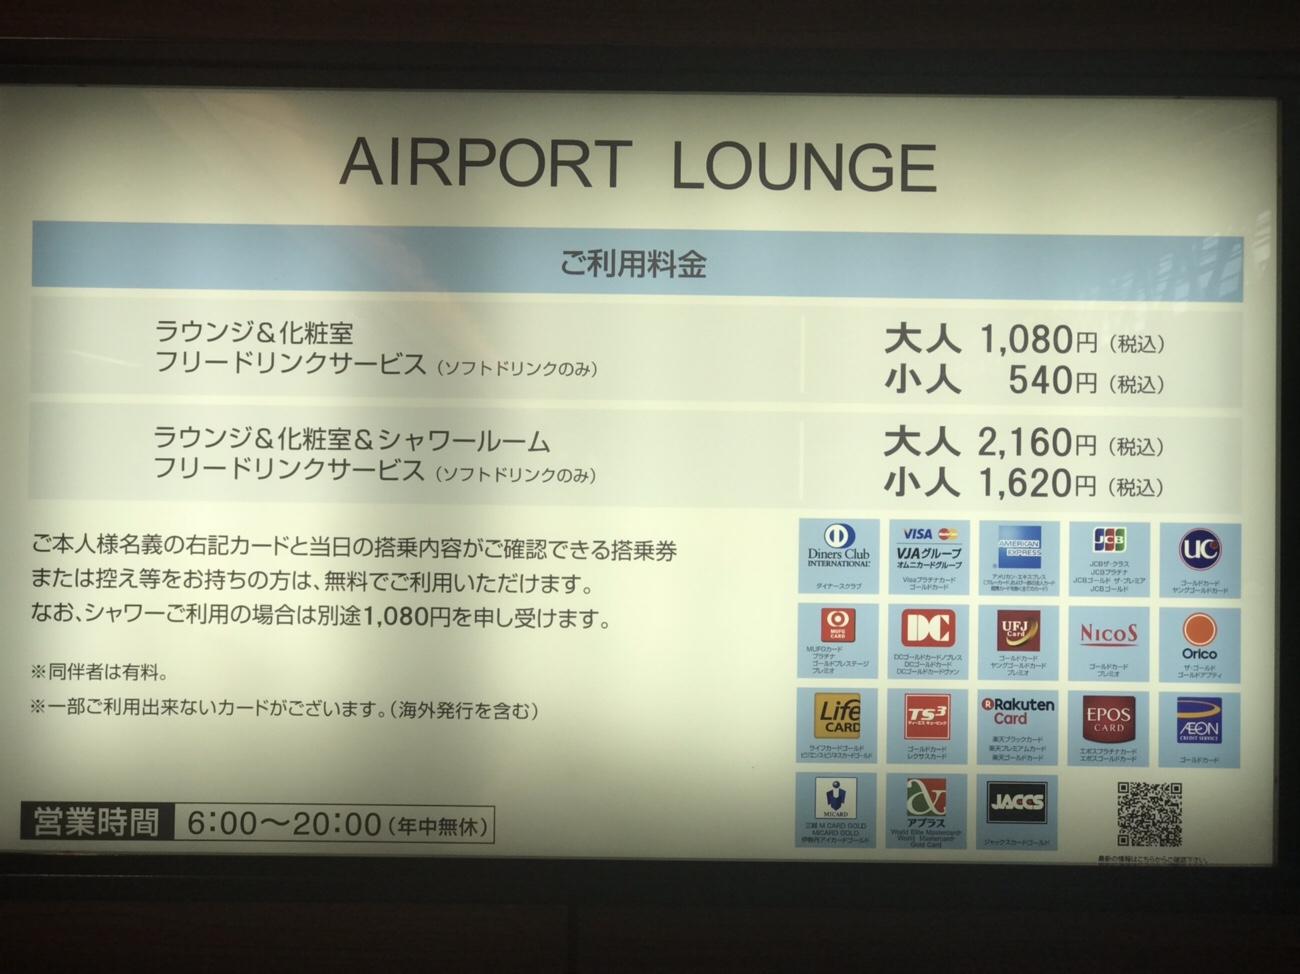 羽田空港ラウンジ料金と無料となるクレジットカード一覧